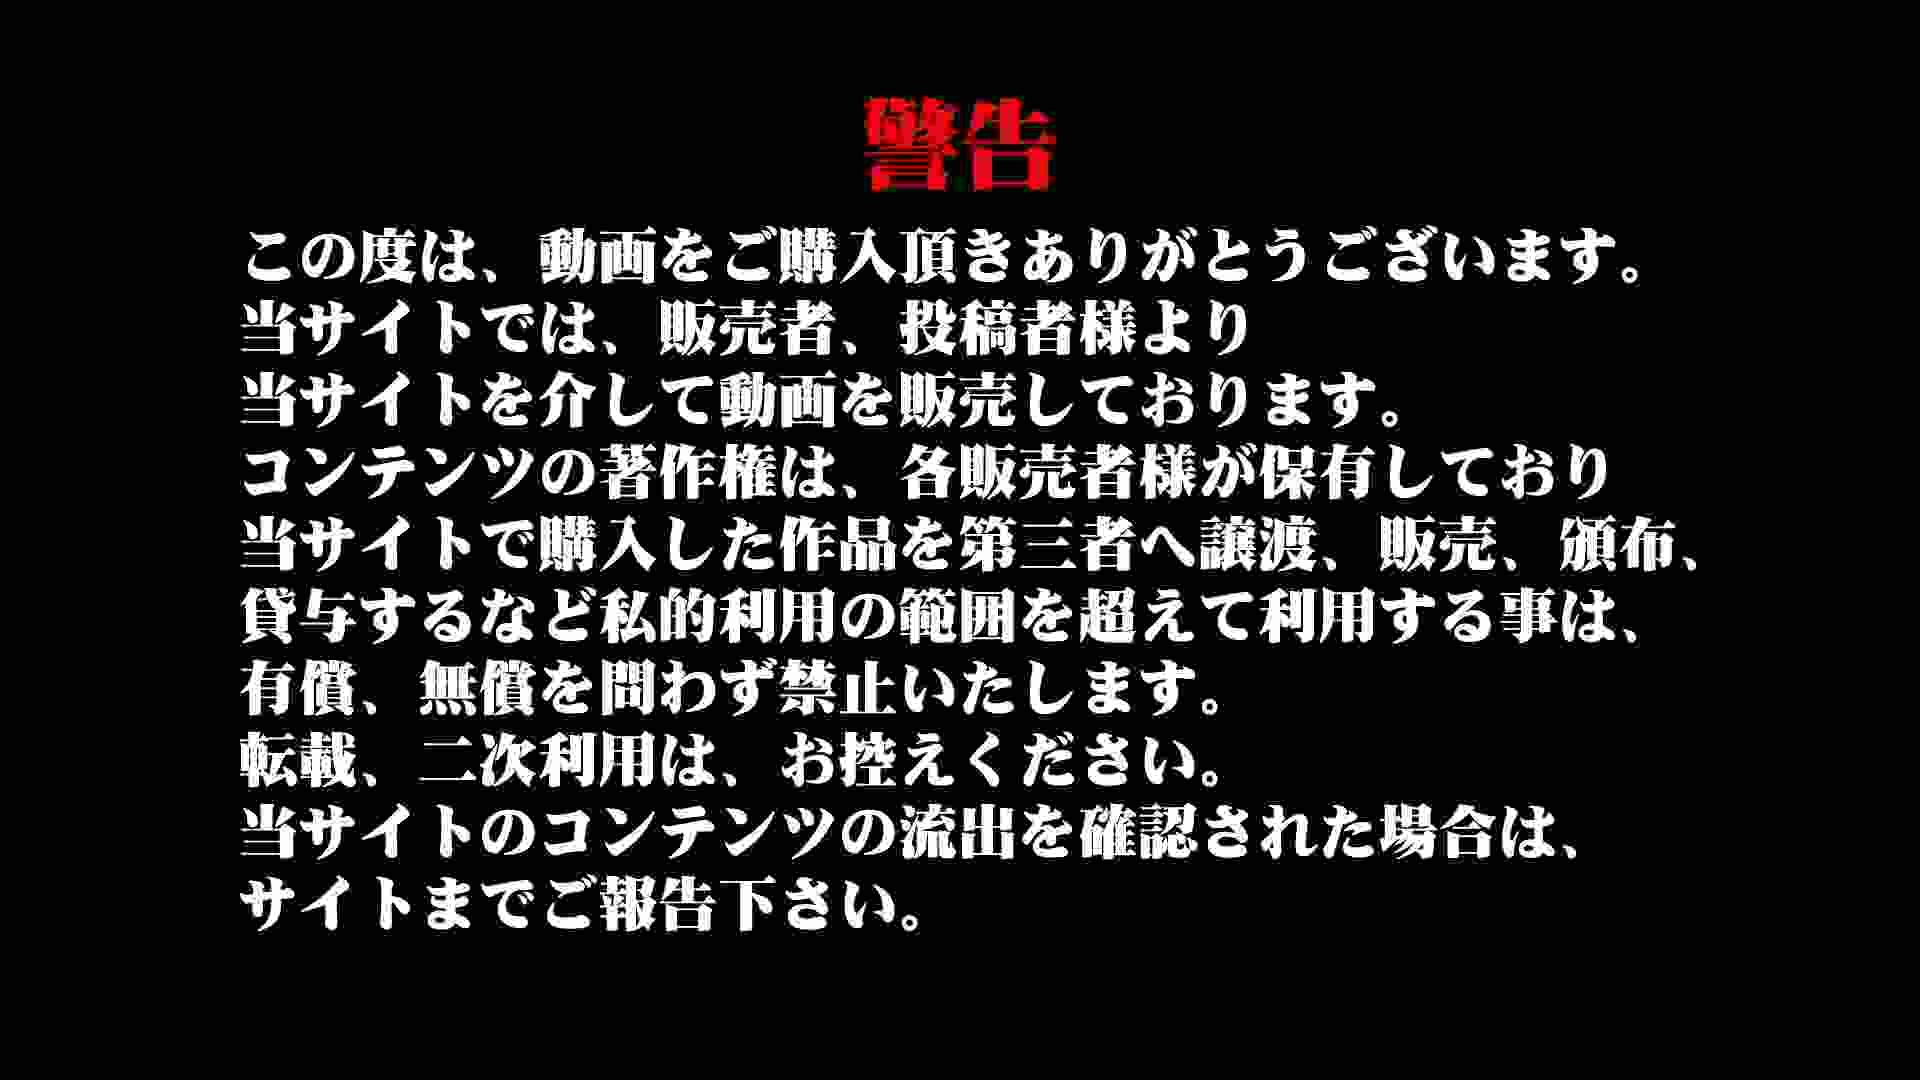 無修正ヌード|美しい日本の未来 No.86つい、No.64 美脚美人のバック撮れました。|怪盗ジョーカー